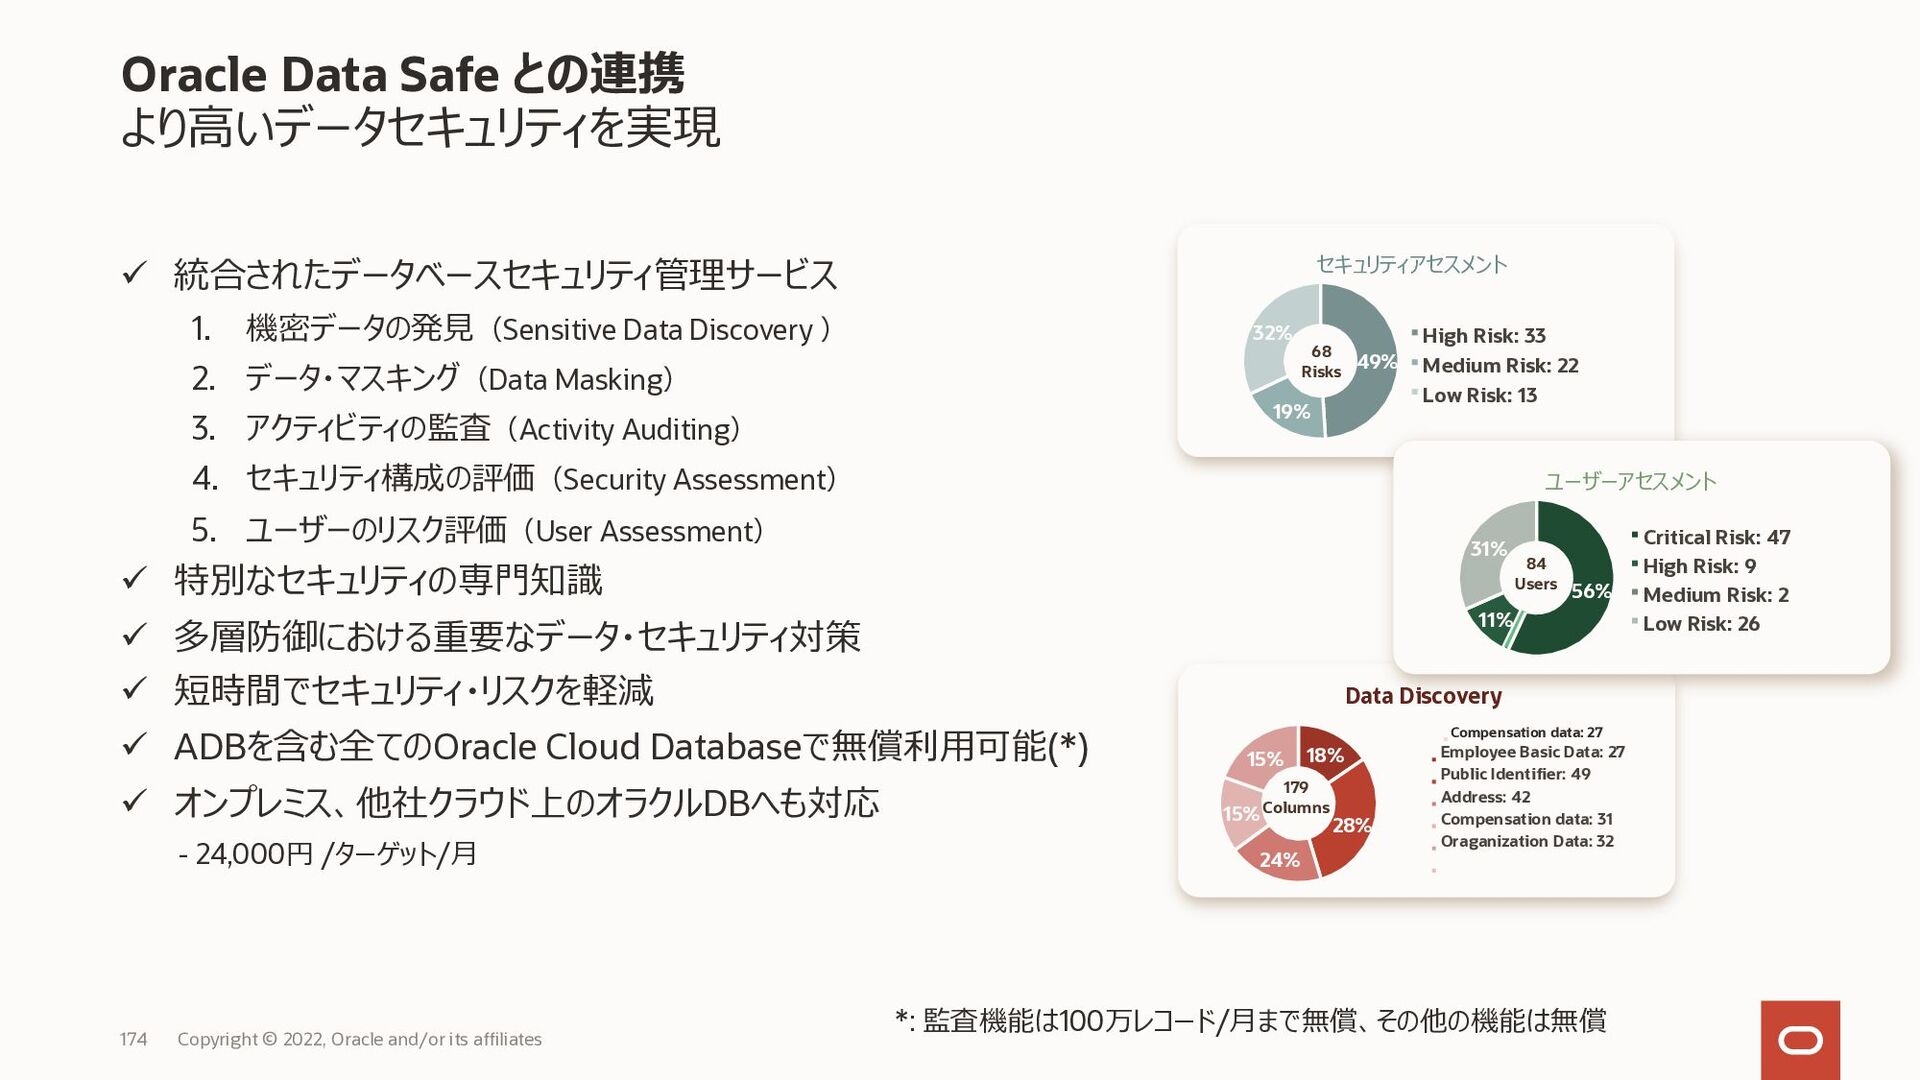 セキュリティ・監査 Copyright © 2021, Oracle and/or its a...